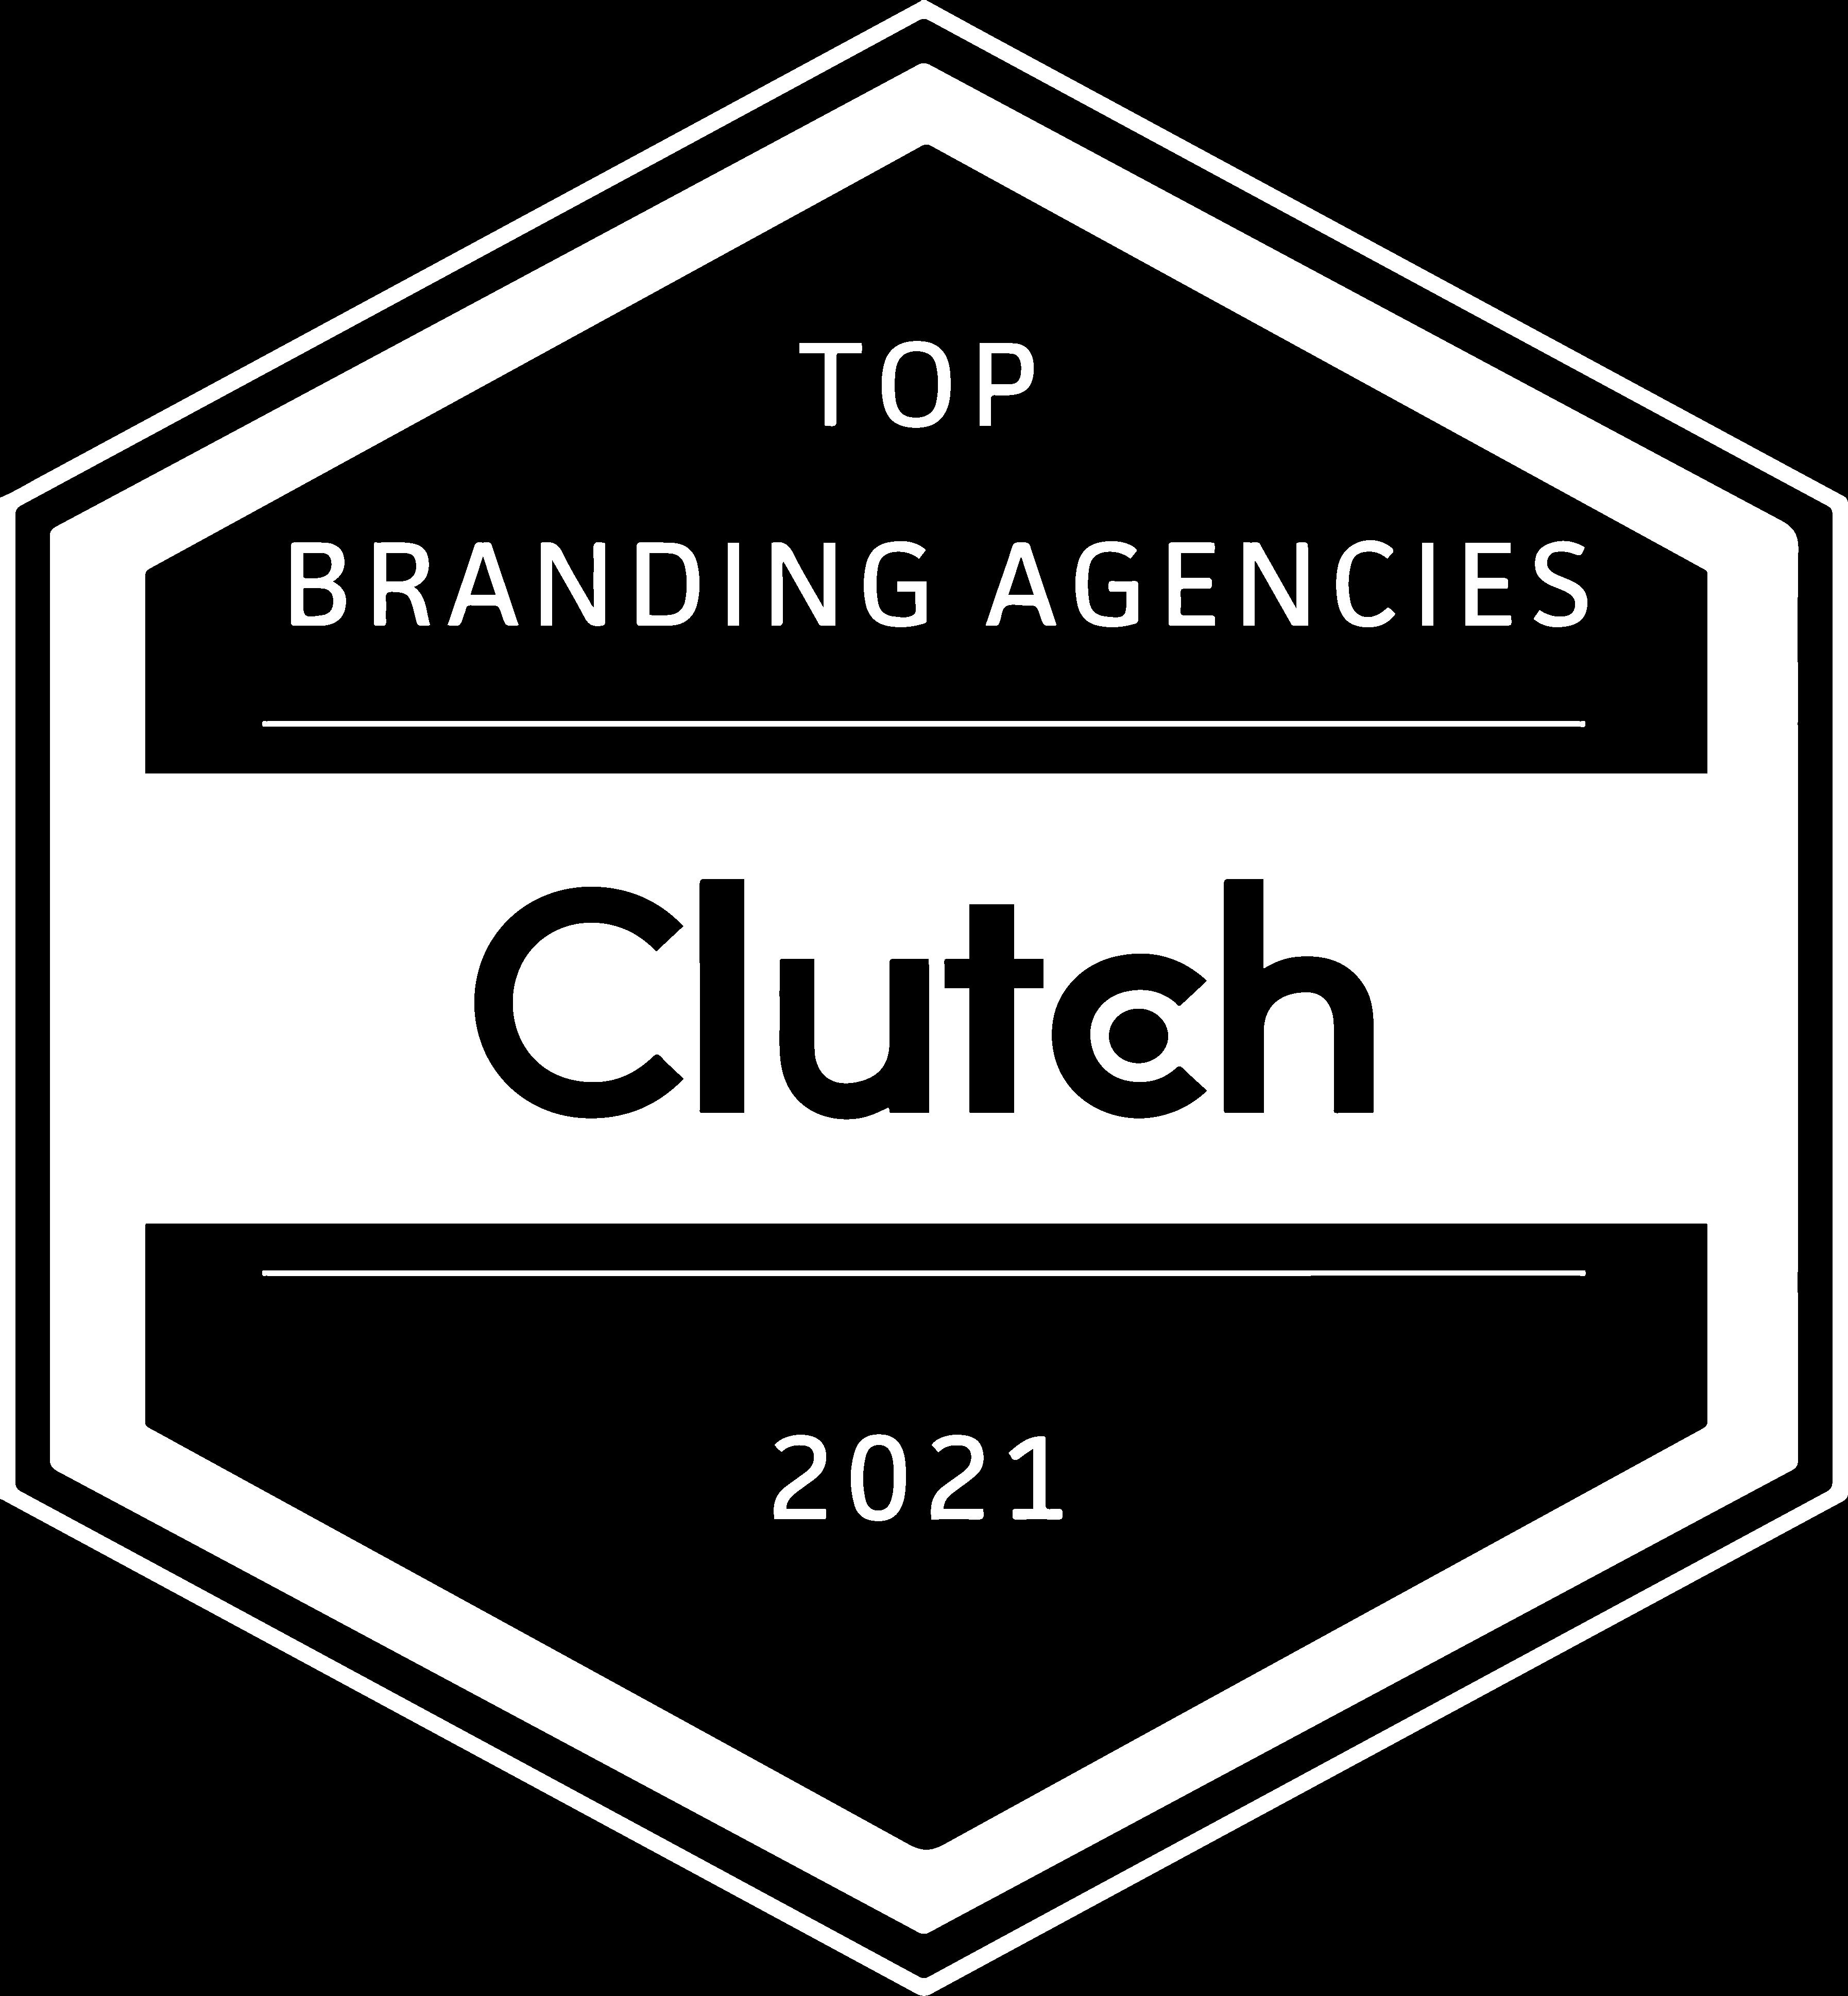 clutch_1@4x